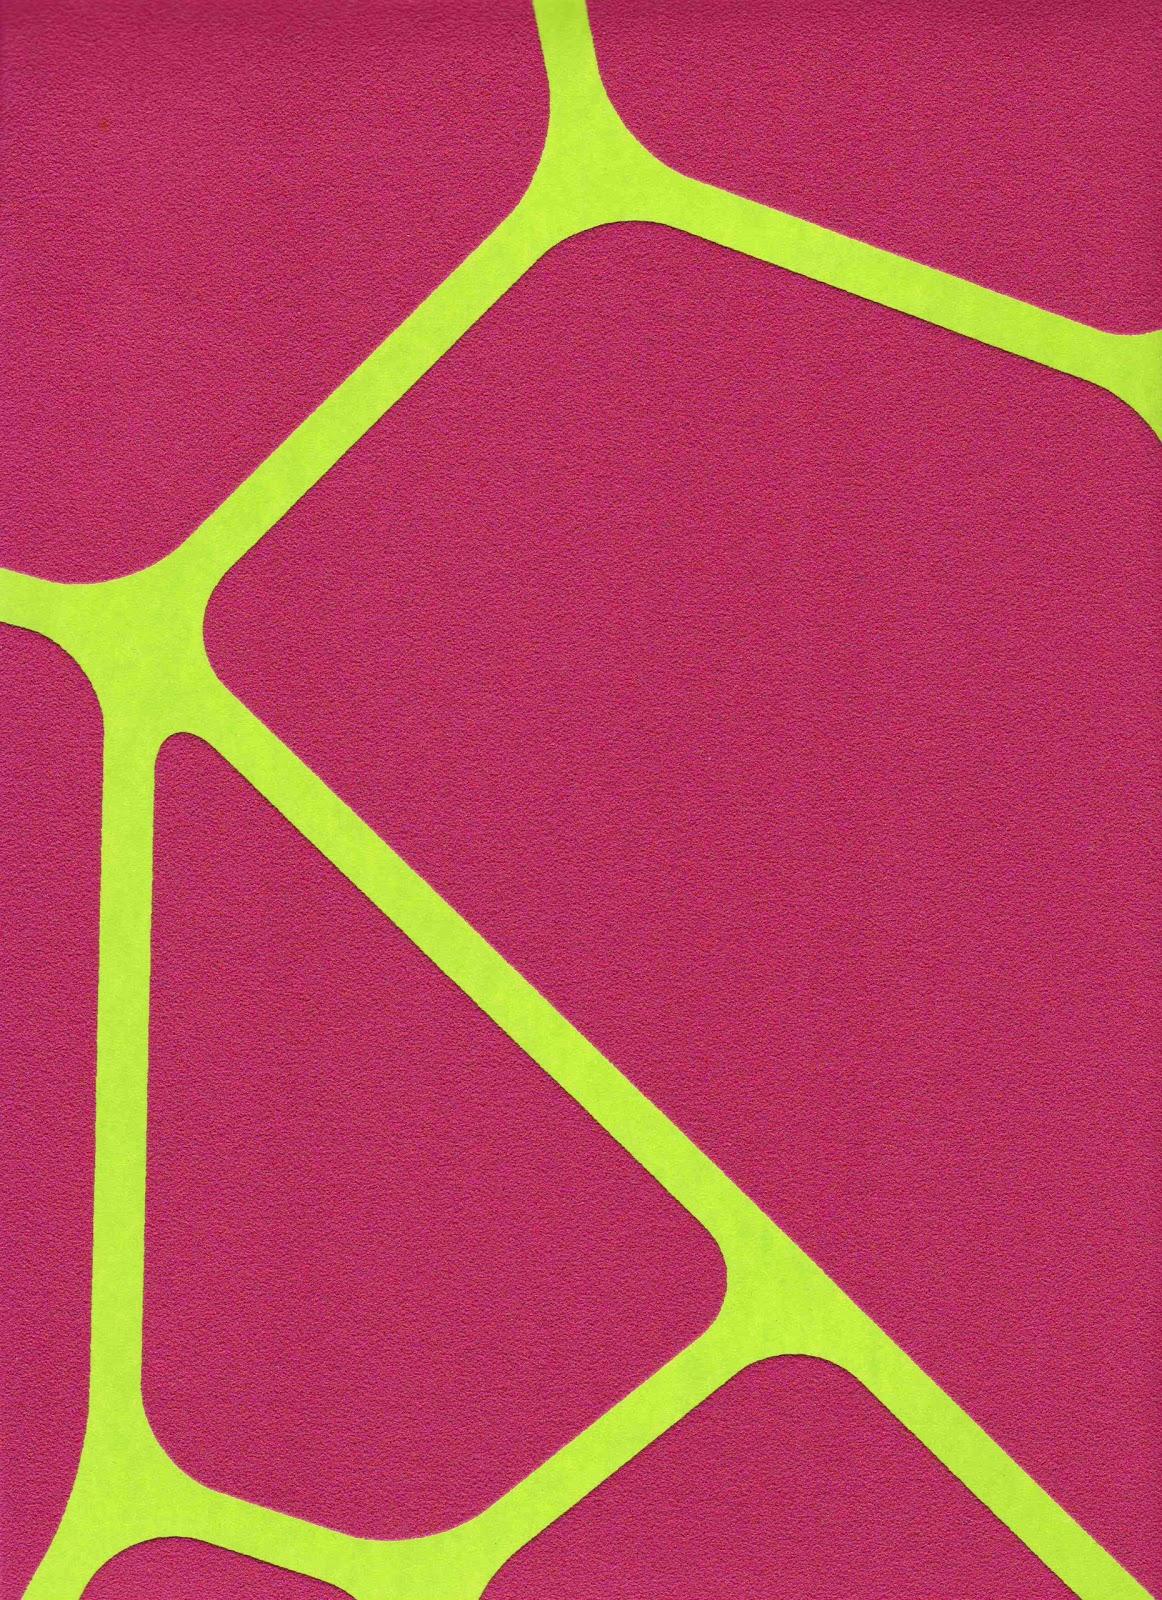 magasin papier peint wittenheim reims prix maconnerie maison de 100m2 papier peint marron dore. Black Bedroom Furniture Sets. Home Design Ideas